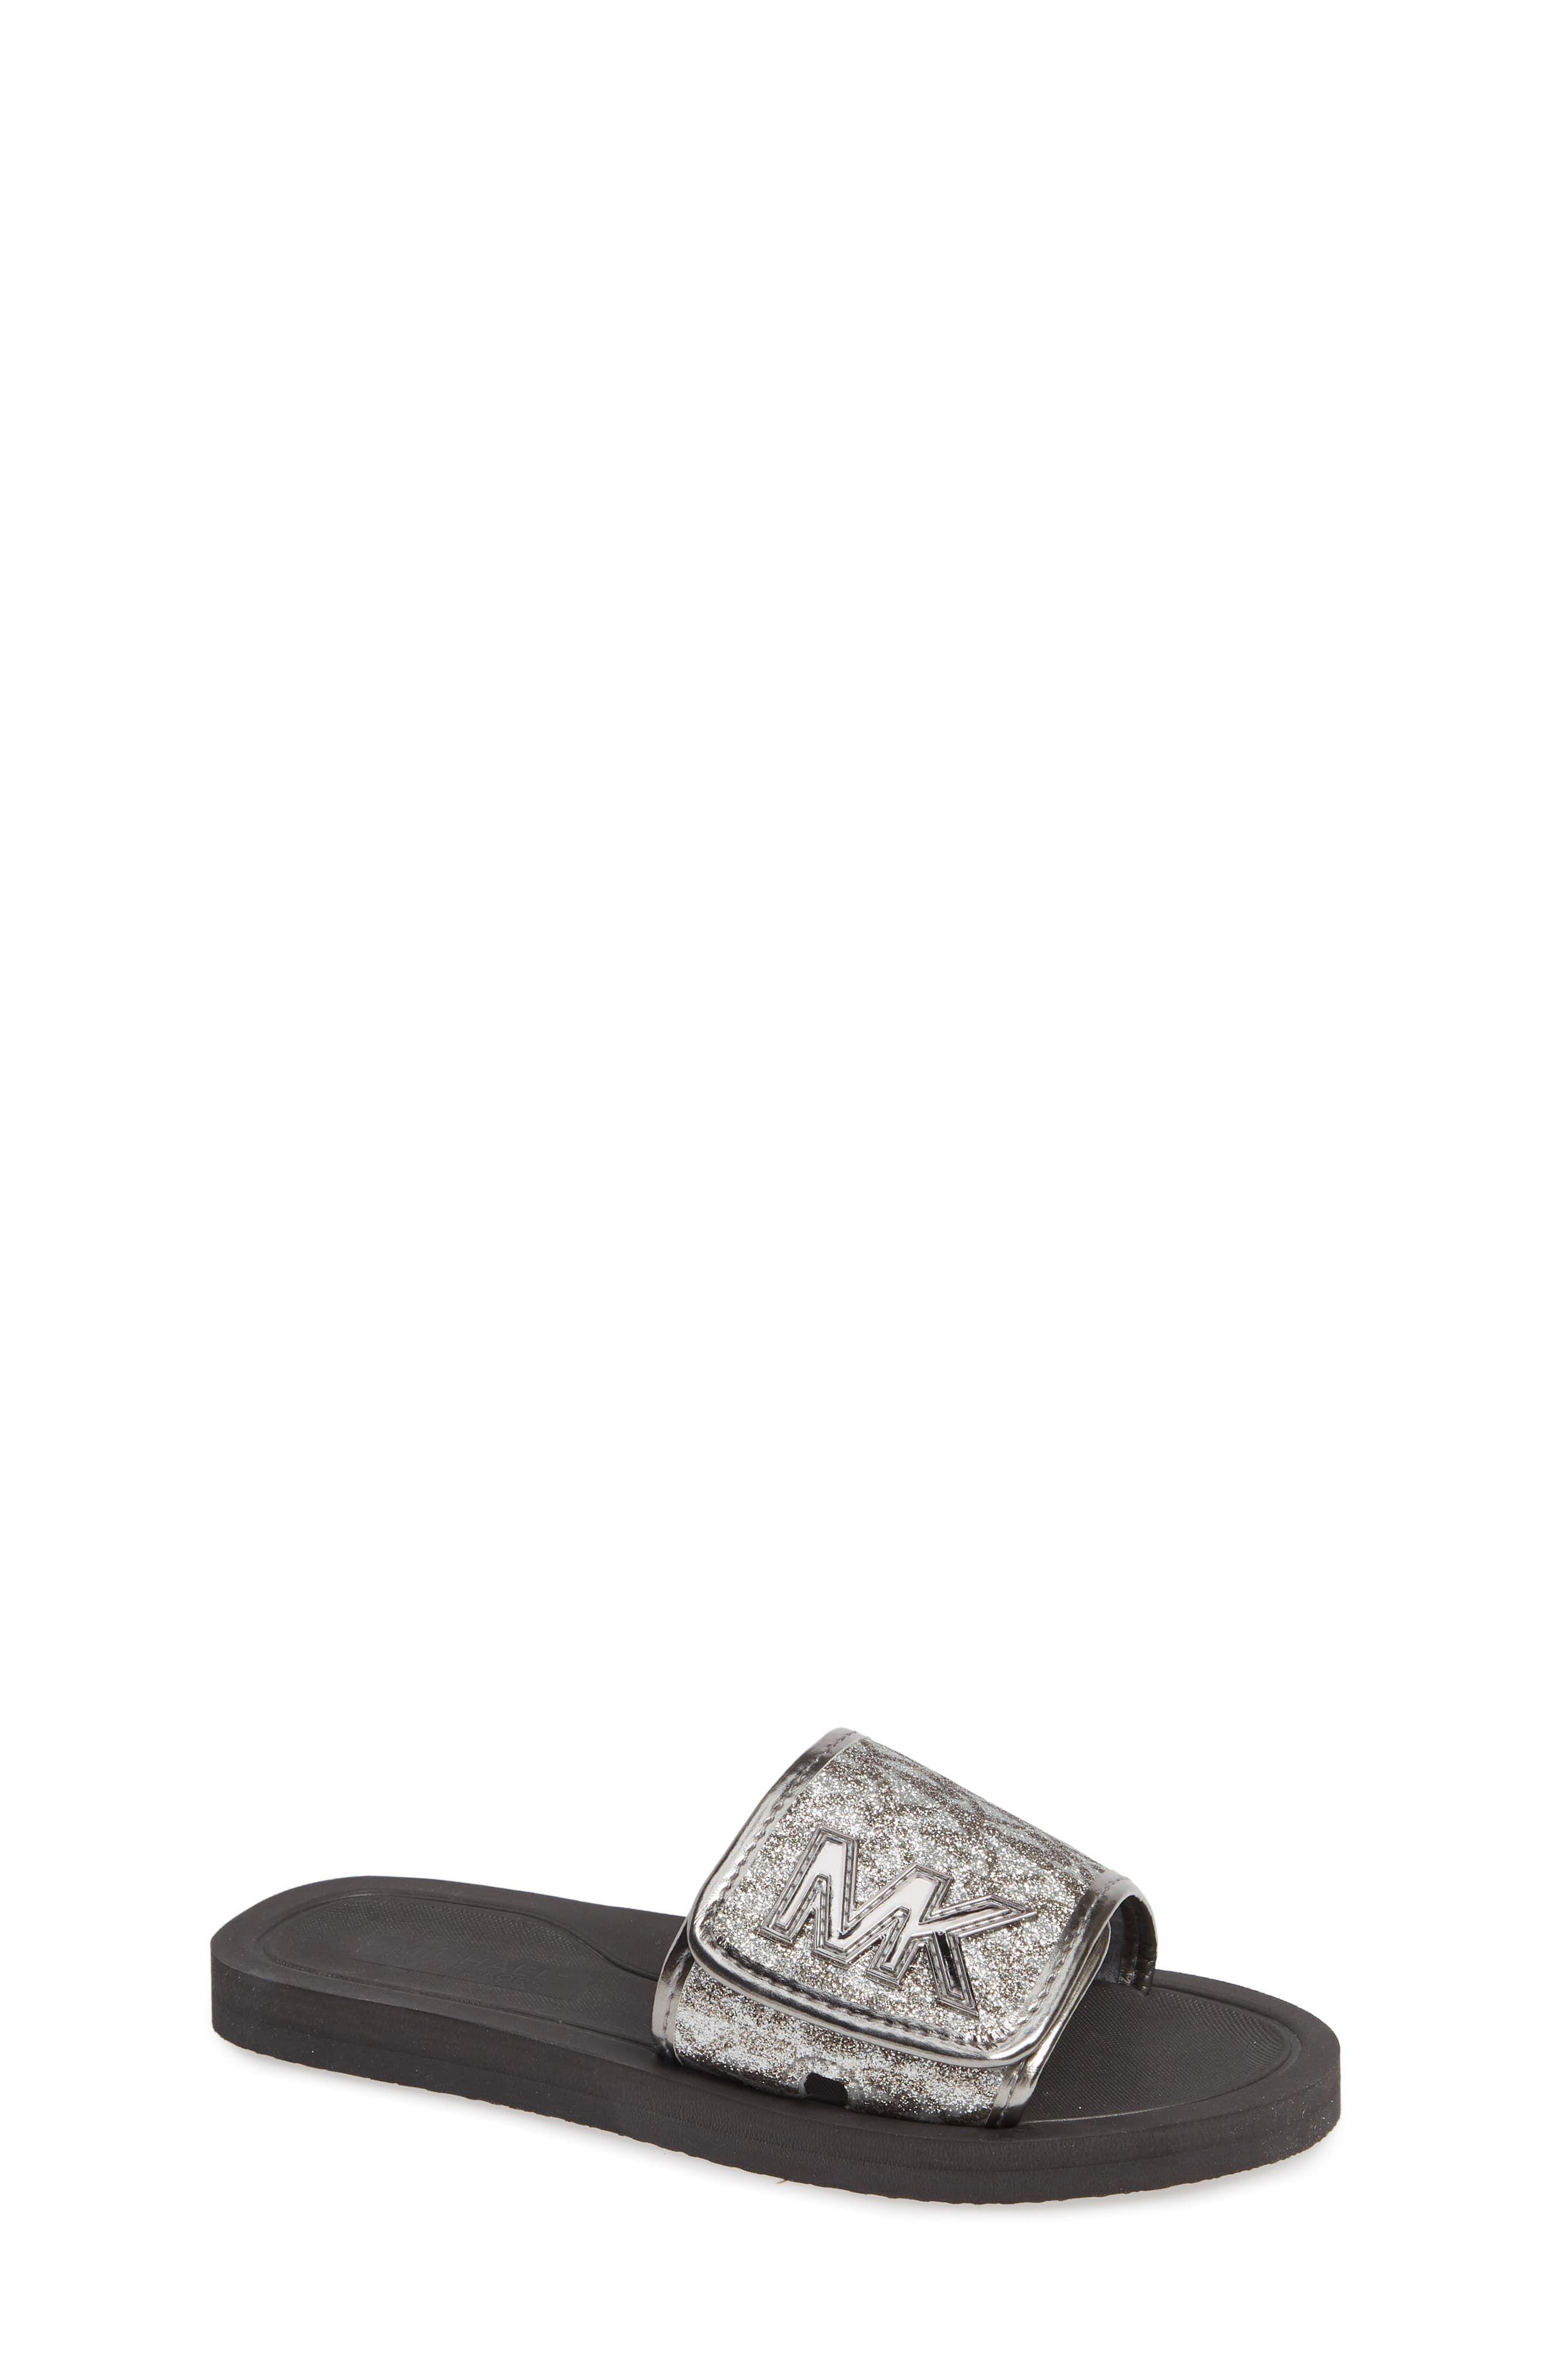 d62837c72cf5 Toddler Girl's Michael Michael Kors Eli Seneca Glitter Slide Sandal, Size  12 M - Metallic